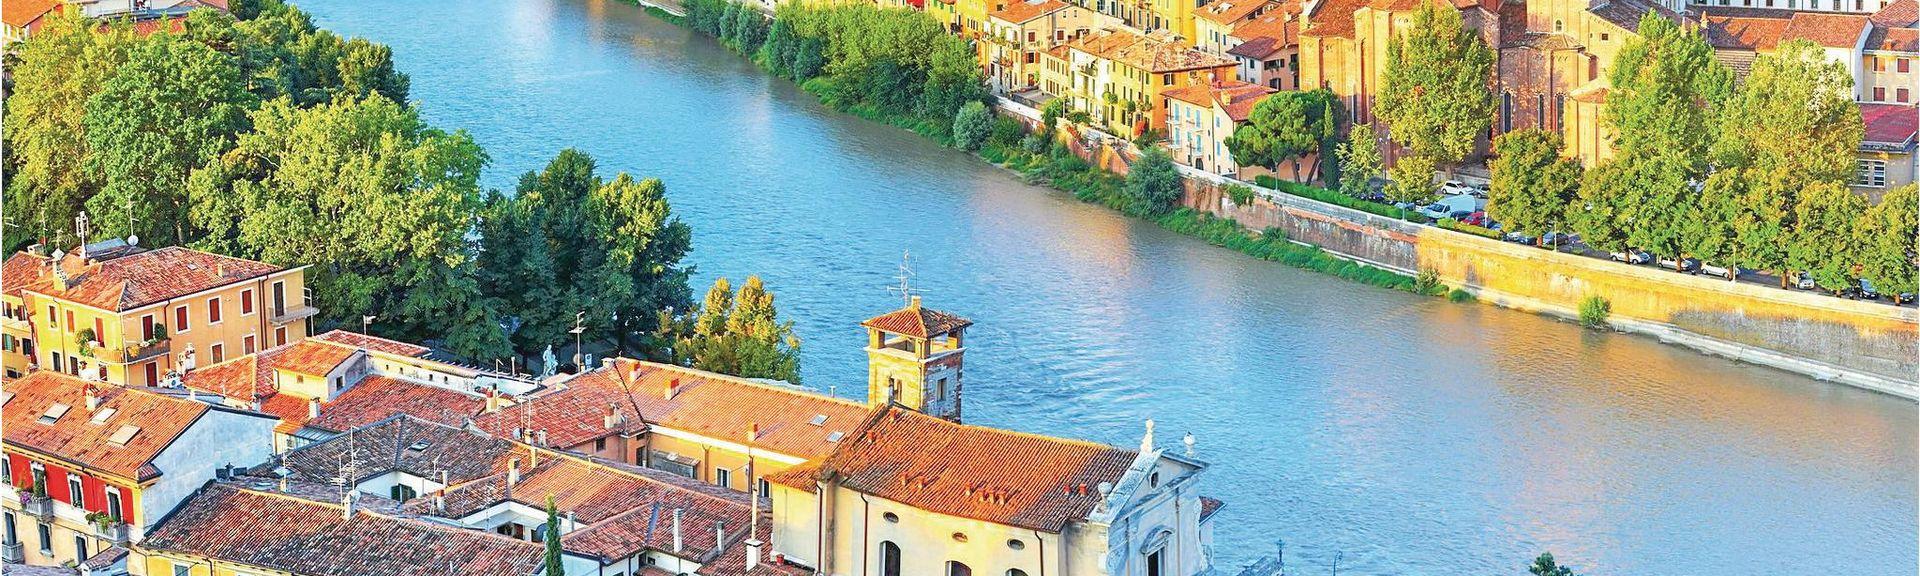 Este, Padua, Veneto, Italy